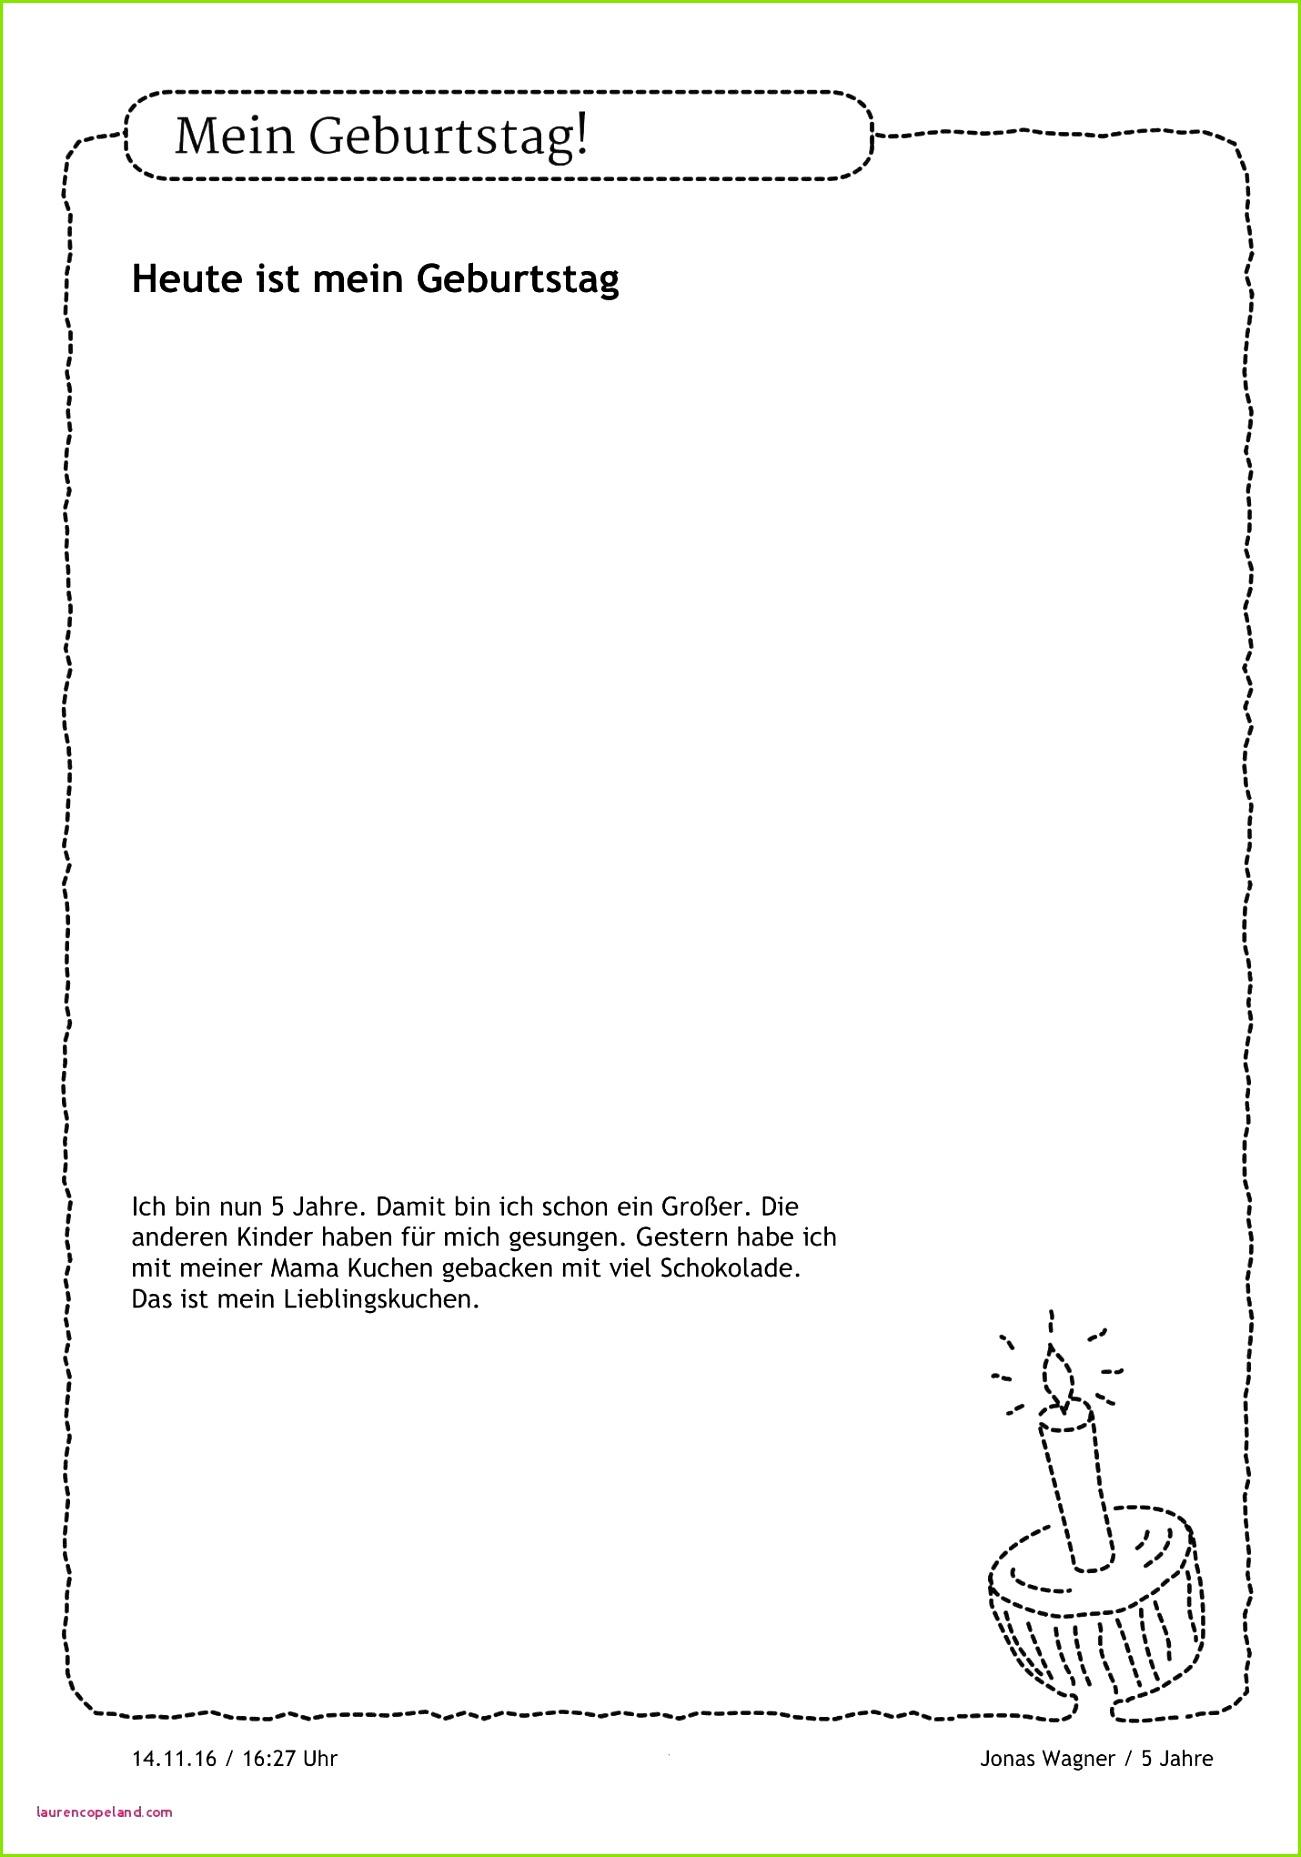 Geburtstagskarte Basteln Vorlage Karte Schreiben Zum Geburtstag Frisch Geburtstag Kindergarten 0d